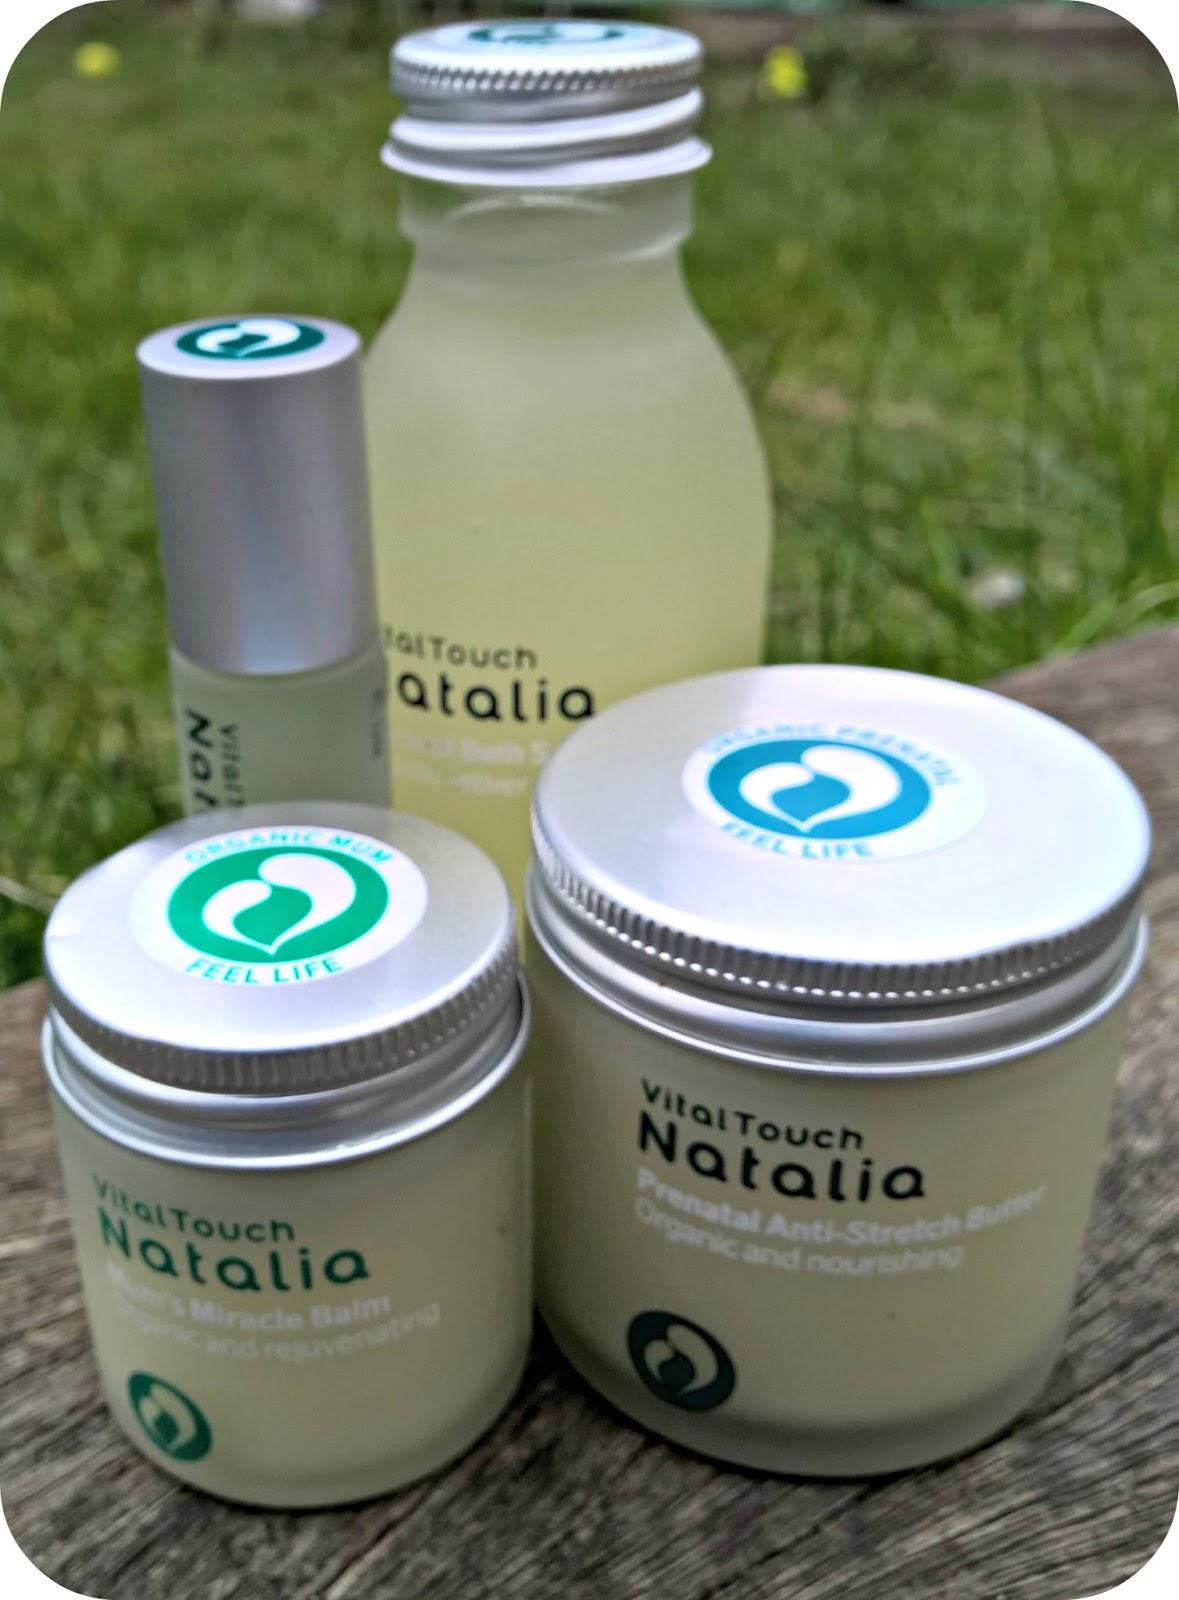 Vital Touch Natalia Pregnancy Skincare